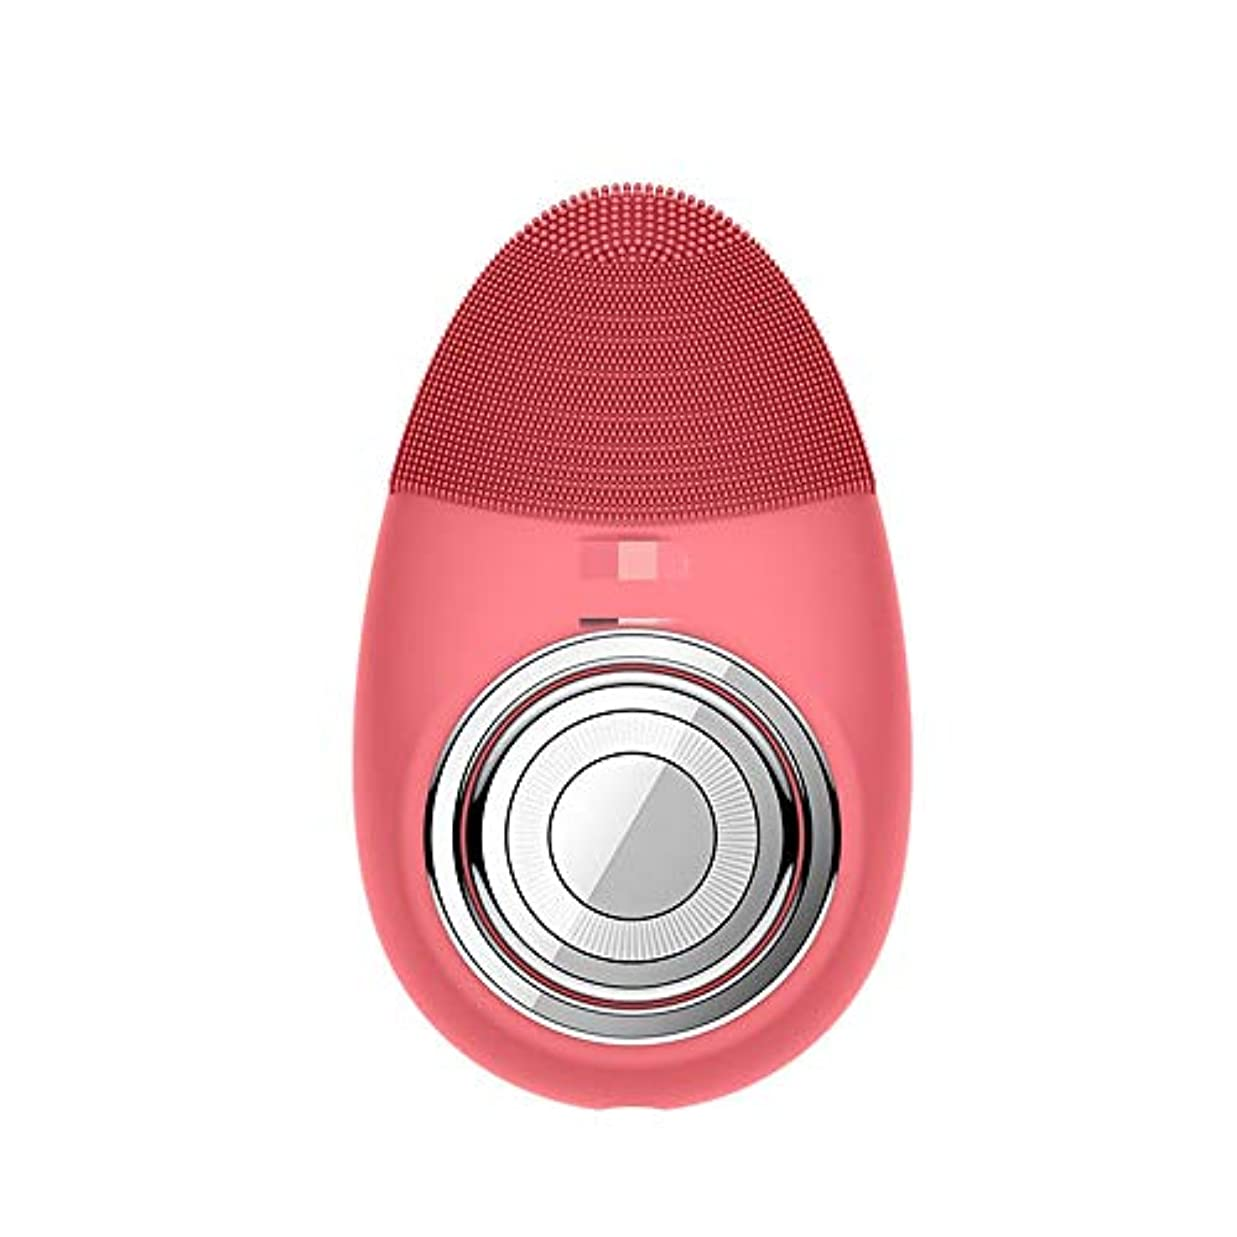 タイムリーな生押し下げるDonghechengkang 多機能電気恒温シリコーンクレンジング楽器赤灯肌清潔毛穴クリーナー輸入機器美容機器 (Color : Red)